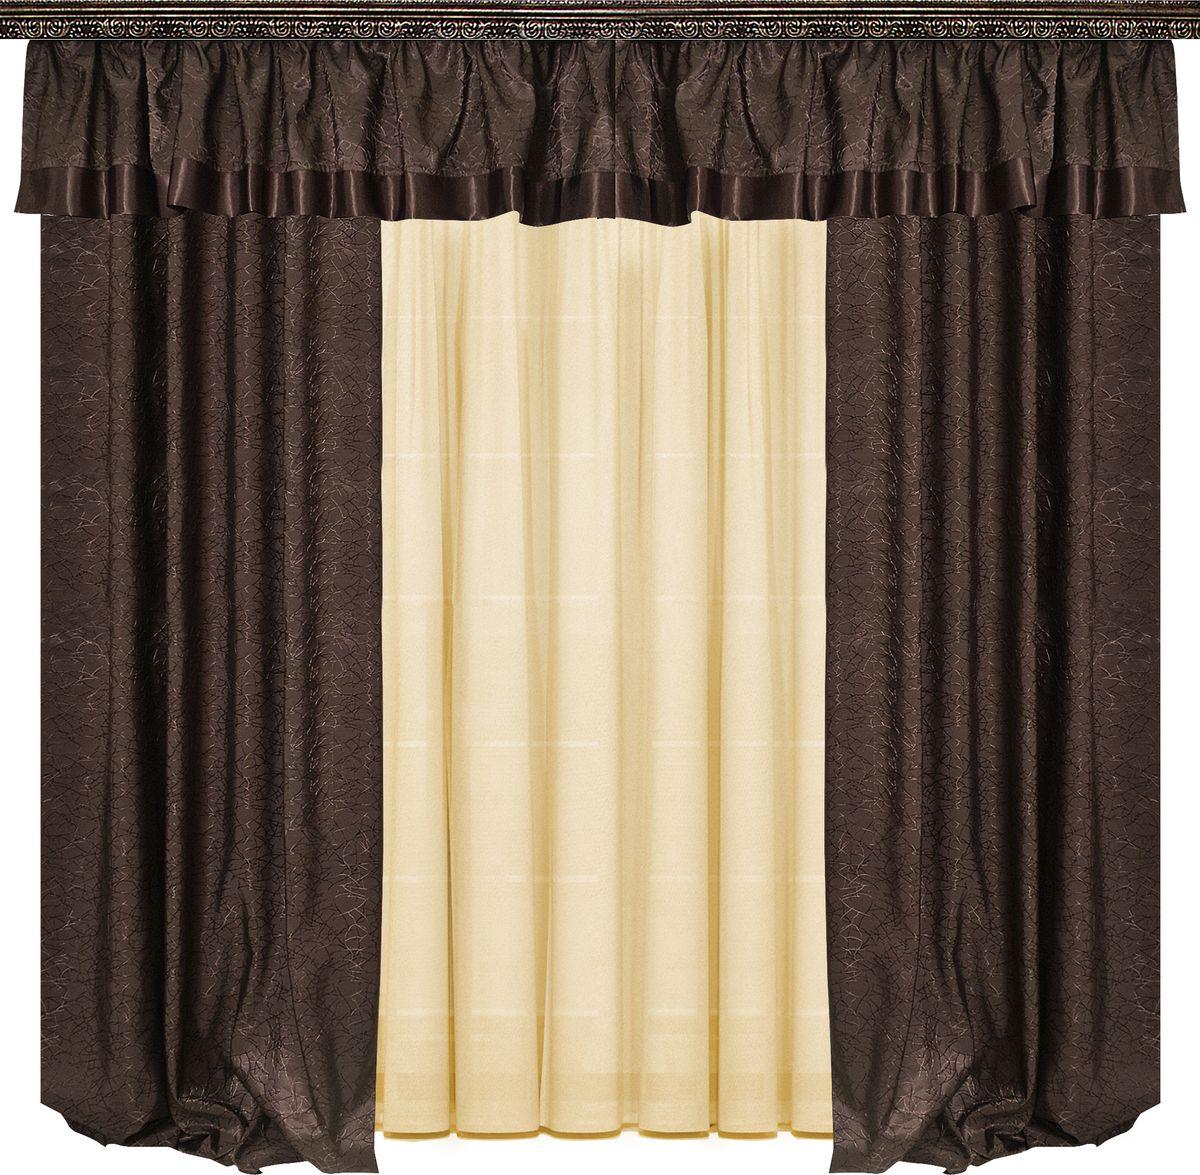 Комплект штор Zlata Korunka, на ленте, цвет: венге, высота 260 см. 777051777051Комплект штор Zlata Korunka великолепно украсит любое окно. Комплект состоит из двух портьер, тюля и ламбрекена. Тюль выполнен из вуалевой ткани, портьеры изготовлены из жаккардовой ткани с изящным узором.Оригинальный дизайн и контрастная цветовая гамма привлекут к себе внимание и органично впишутся в интерьер комнаты. Все предметы комплекта оснащены шторной лентой для собирания в сборки.